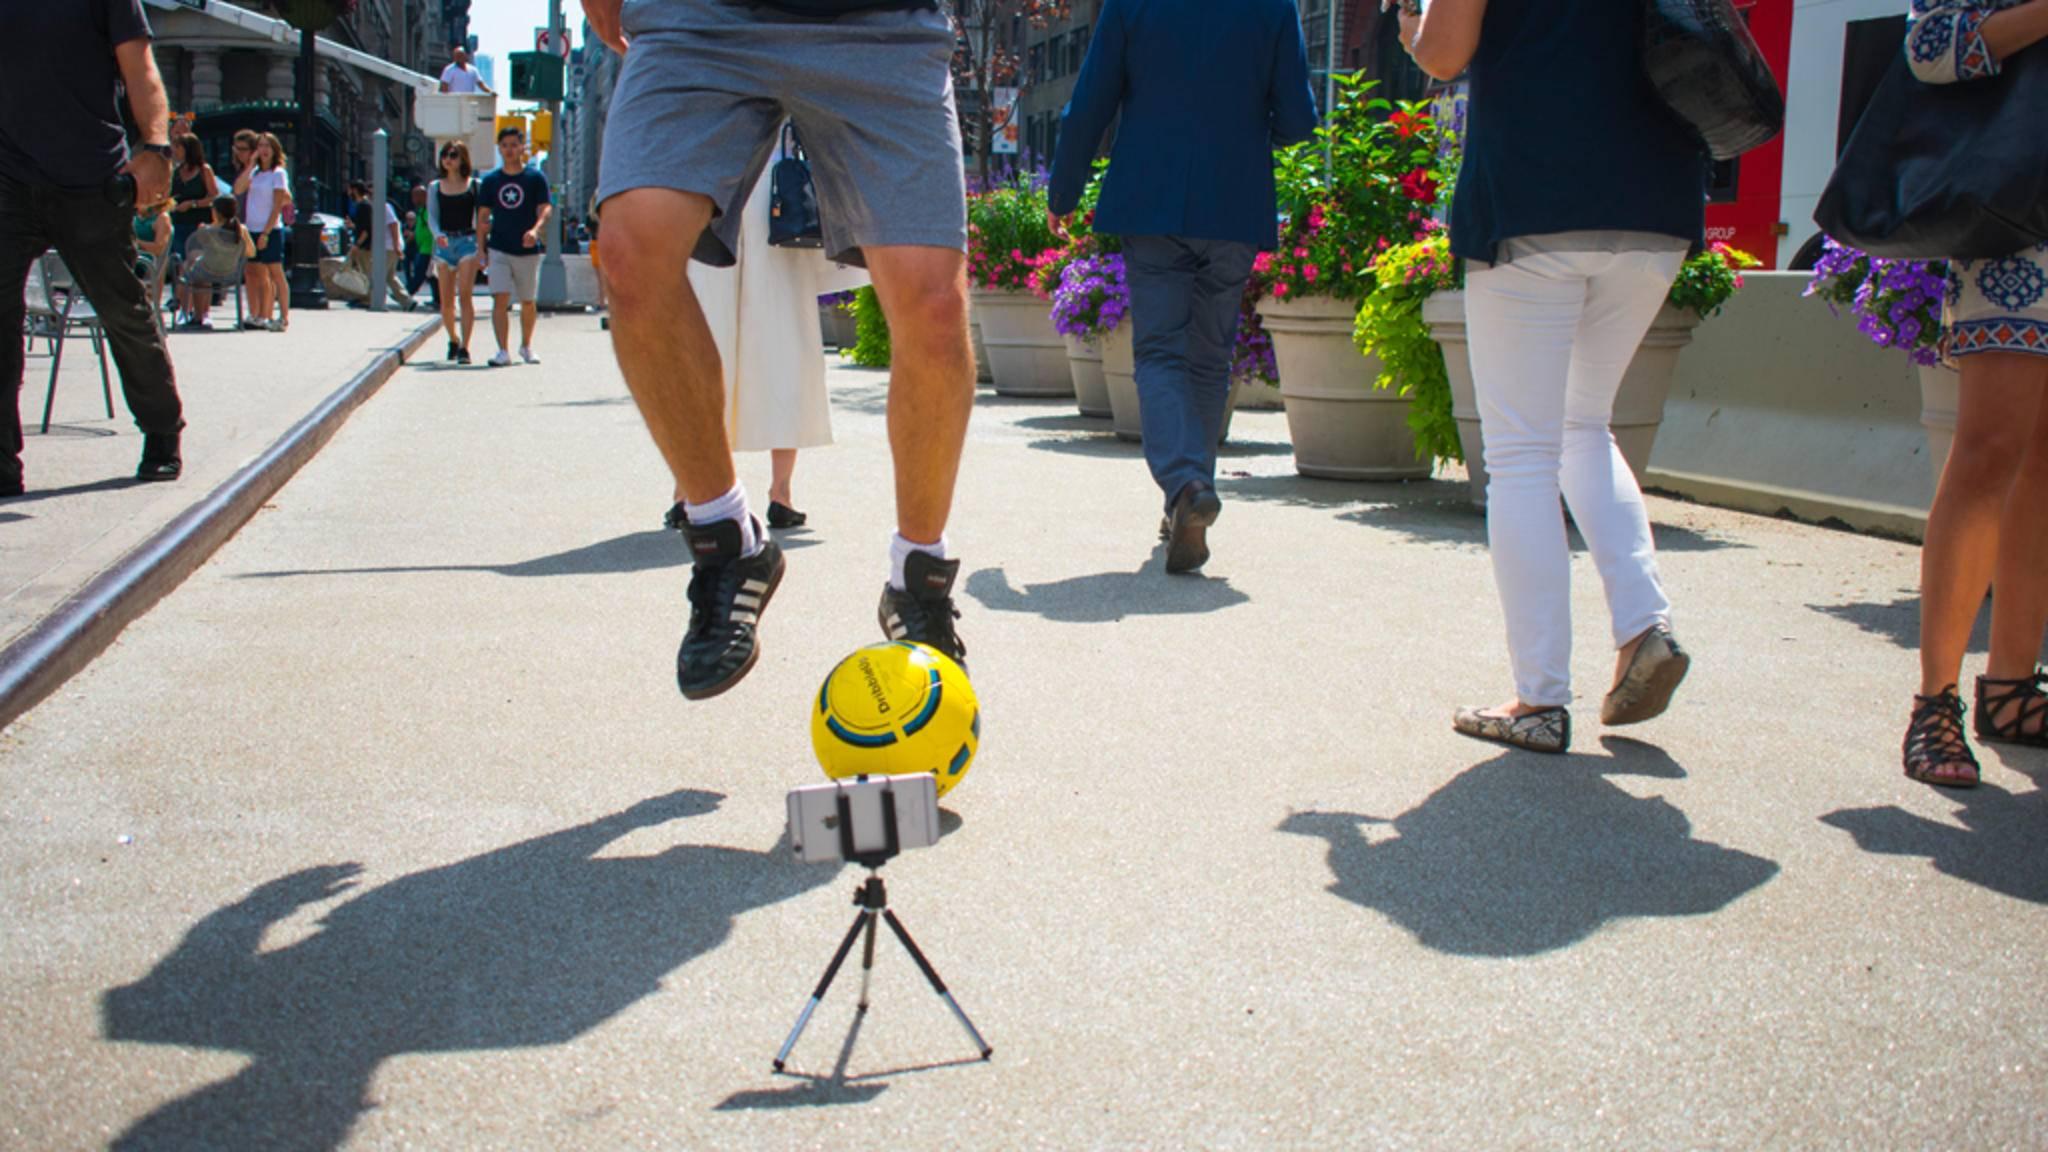 Per Smartphone beäugt der virtuelle Trainer kritisch jede Bewegung des Spielers.